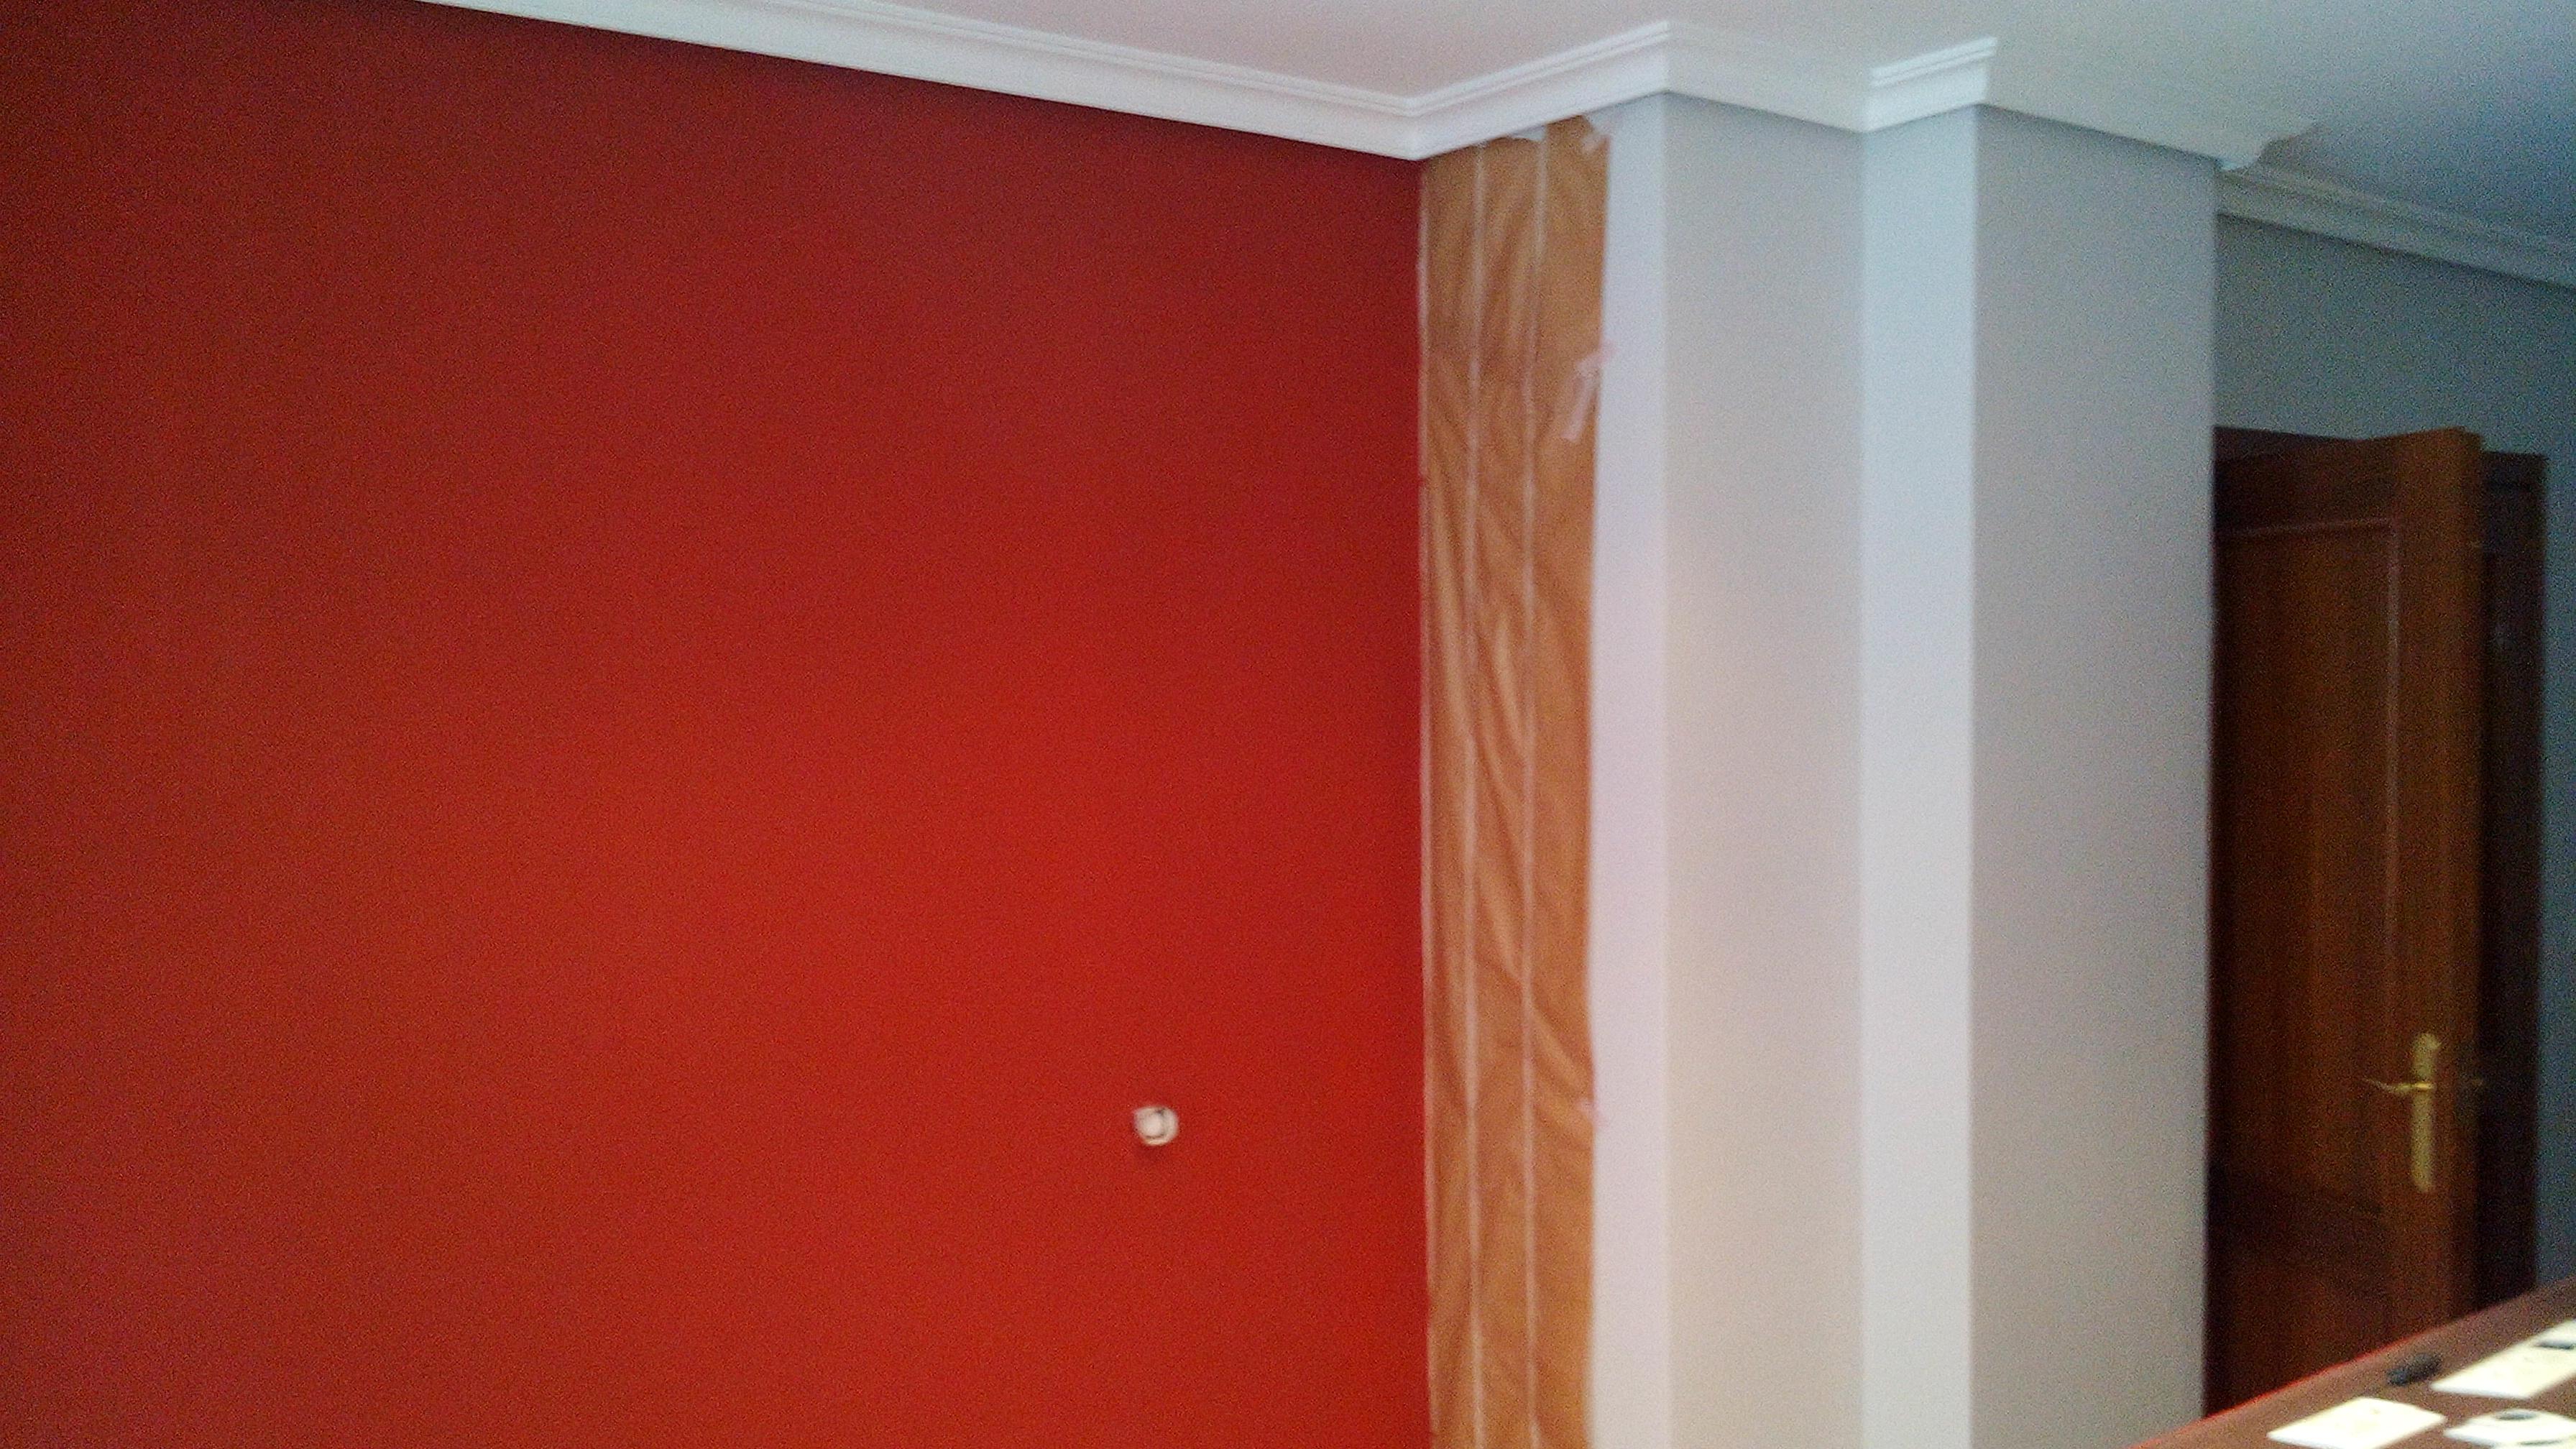 Pintura plastica color gris claro y rojo pintores en for Pintura gris claro pared